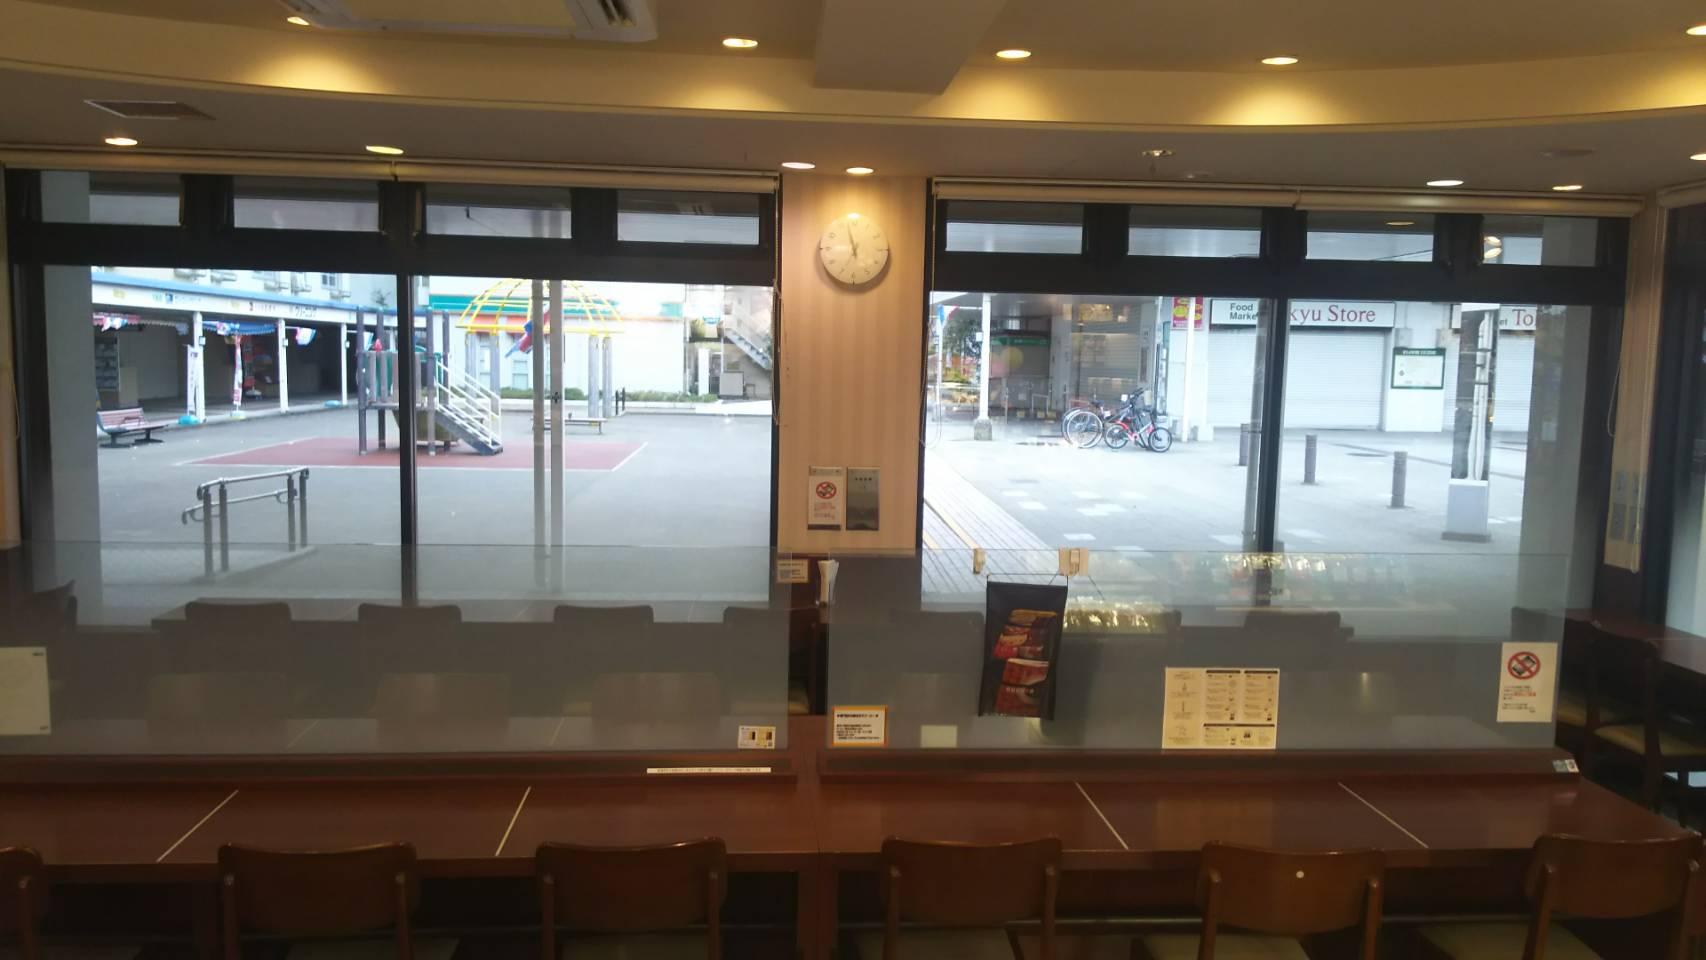 ドトール・コーヒーショップ 洋光台店のスタッフ視点の座席